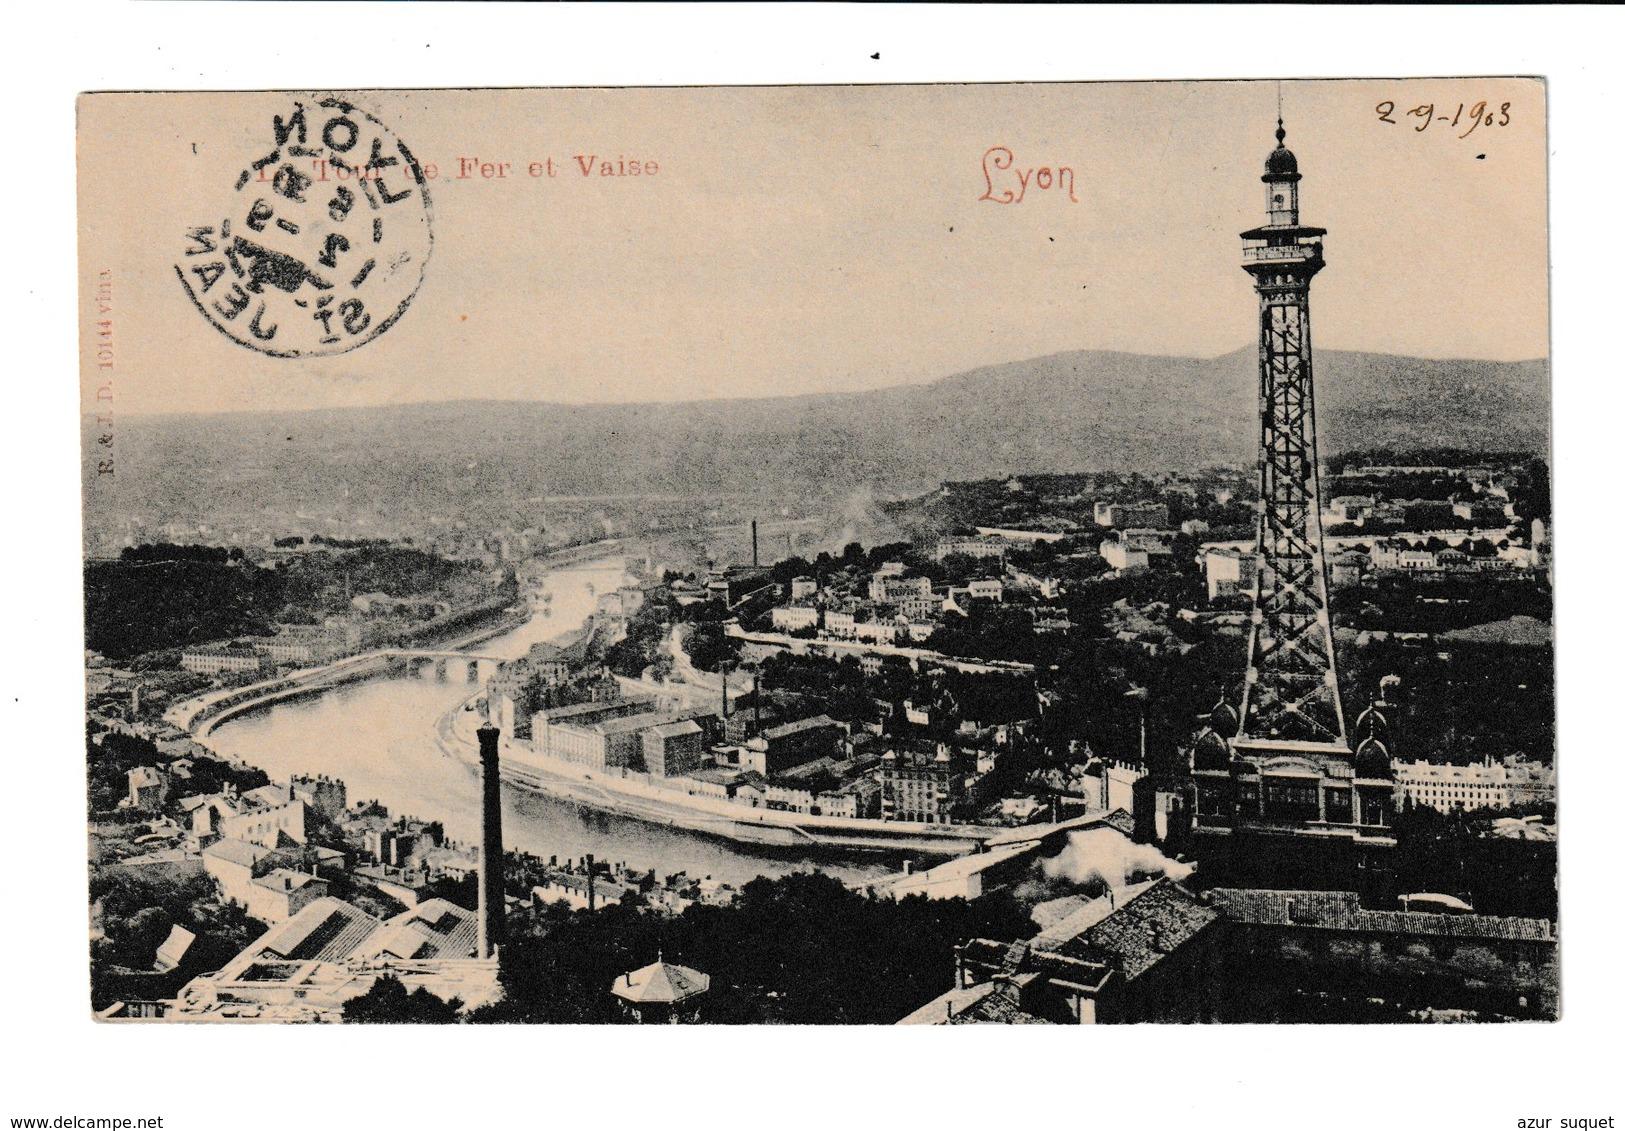 FRANCE / CPA / LYON / TOUR DE FER ET VAISE - Lyon